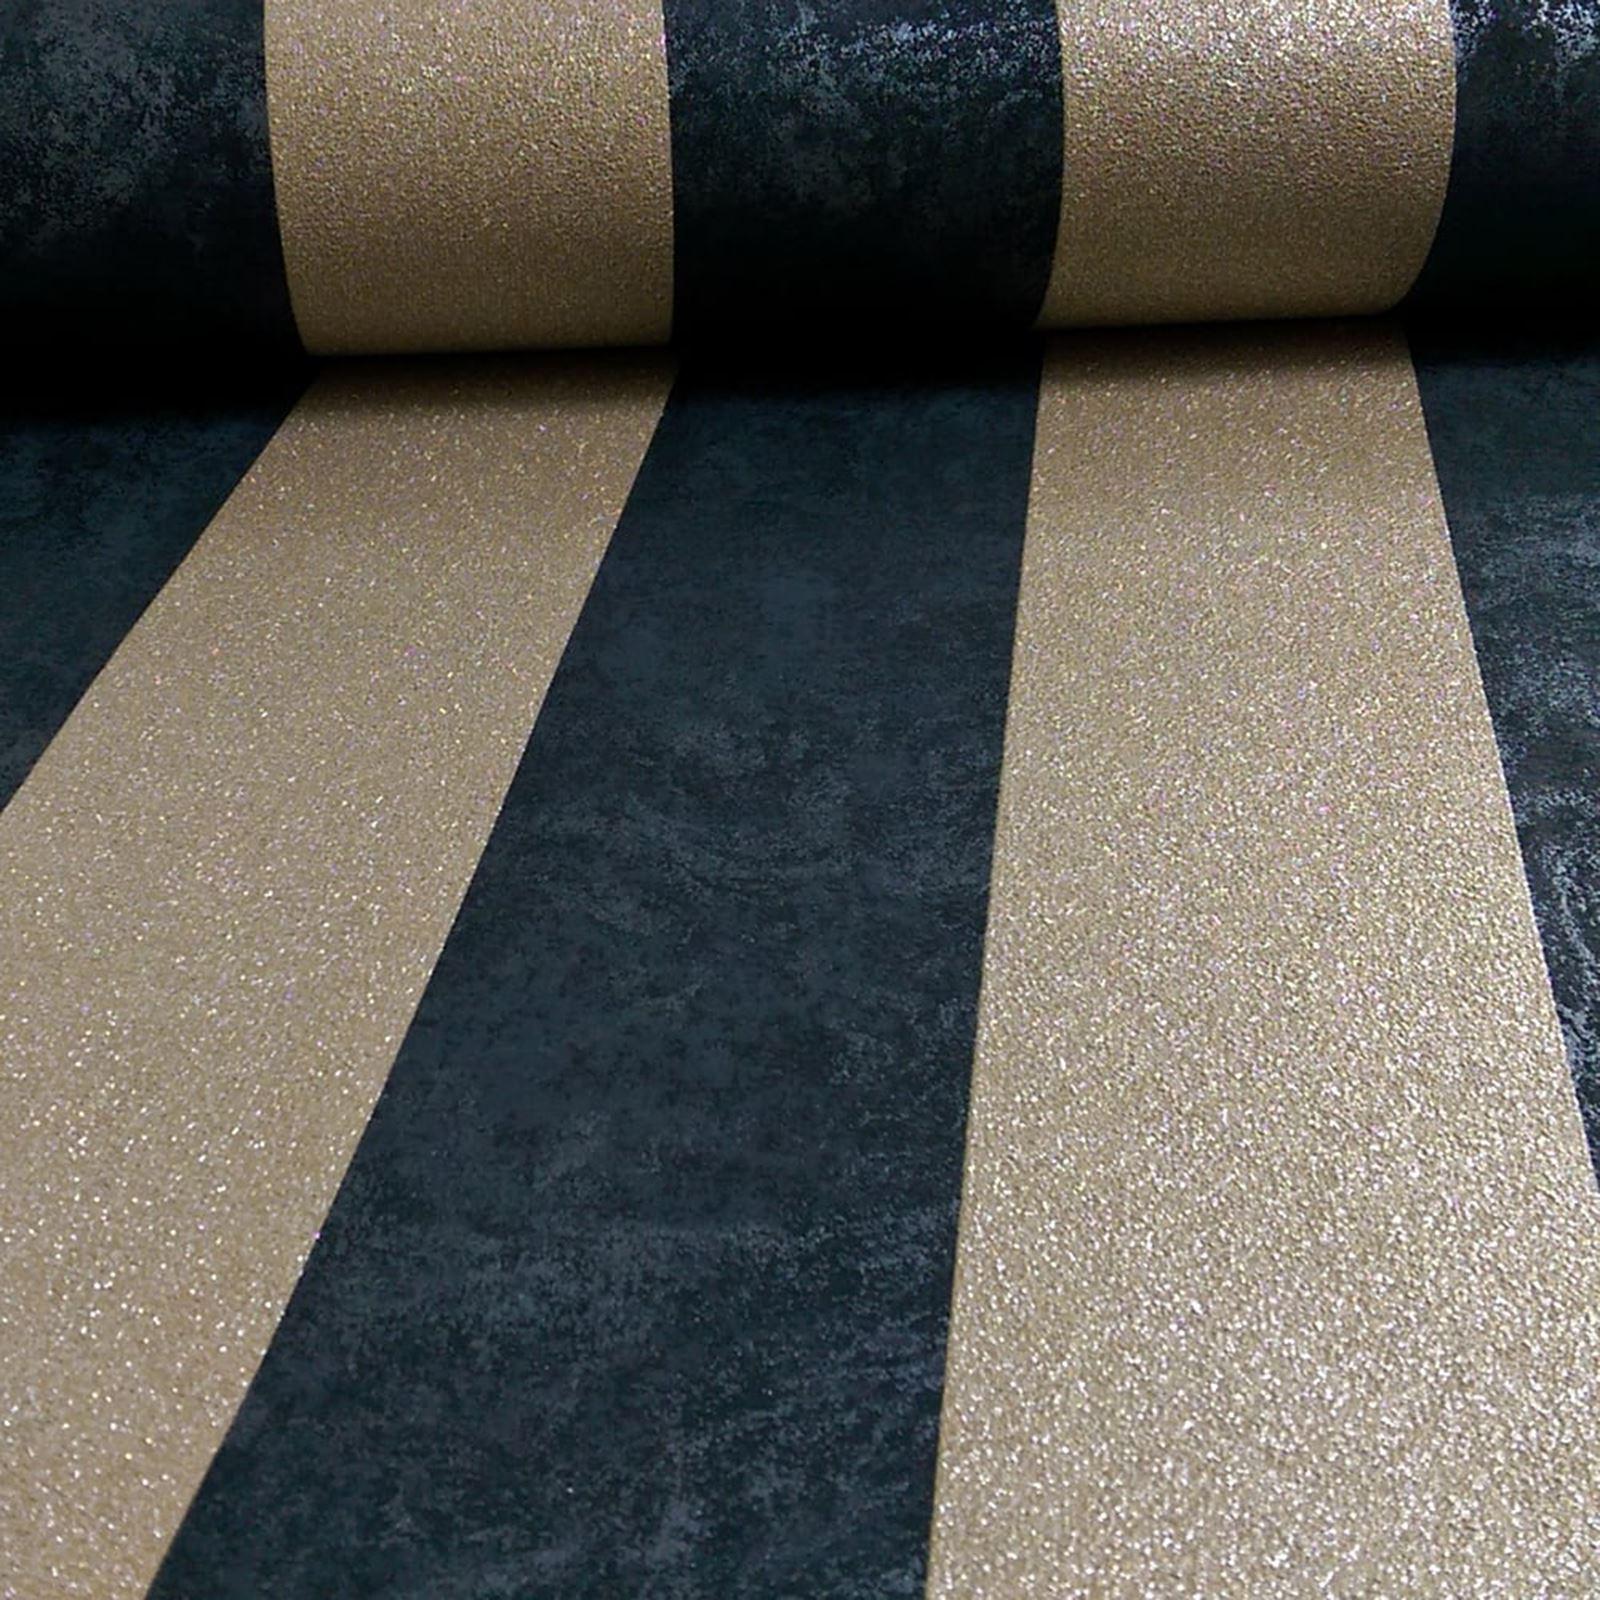 karat glitzer streifen tapete schwarz gold p s 13346 90 texturiert ebay. Black Bedroom Furniture Sets. Home Design Ideas